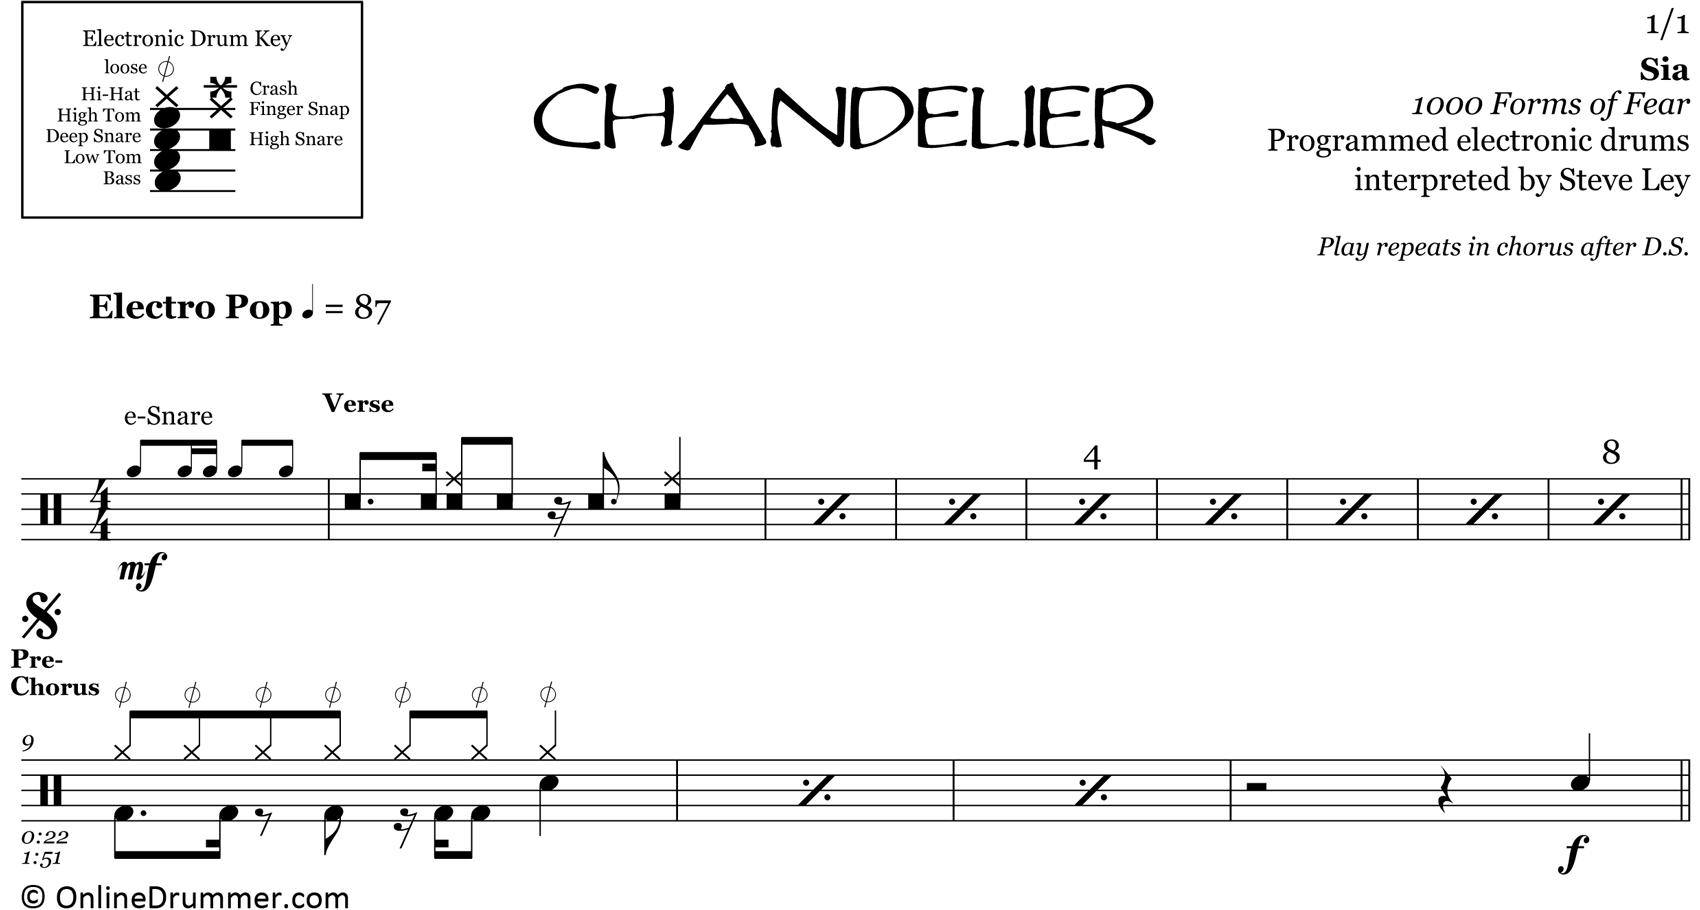 Chandelier - Sia - Drum Sheet Music